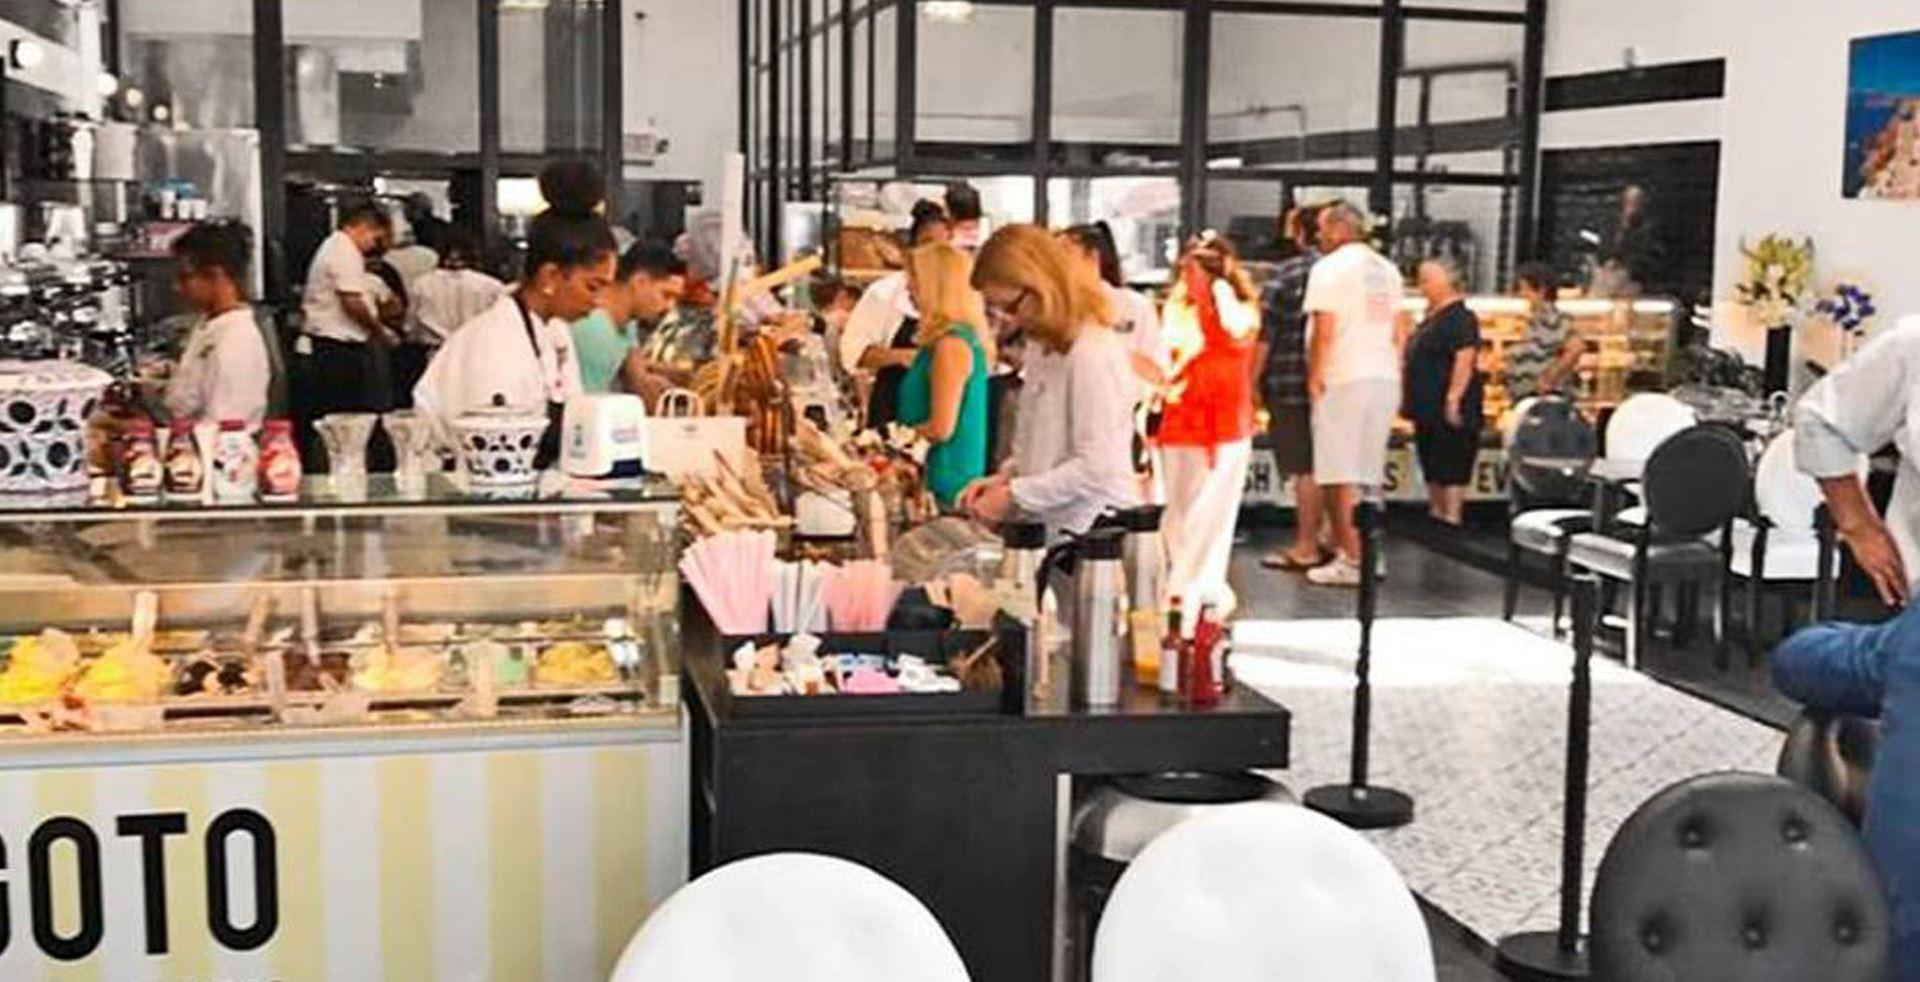 Εικόνα από Κατάστημα Pietris Bakery - AMERICA - LONG BEACH